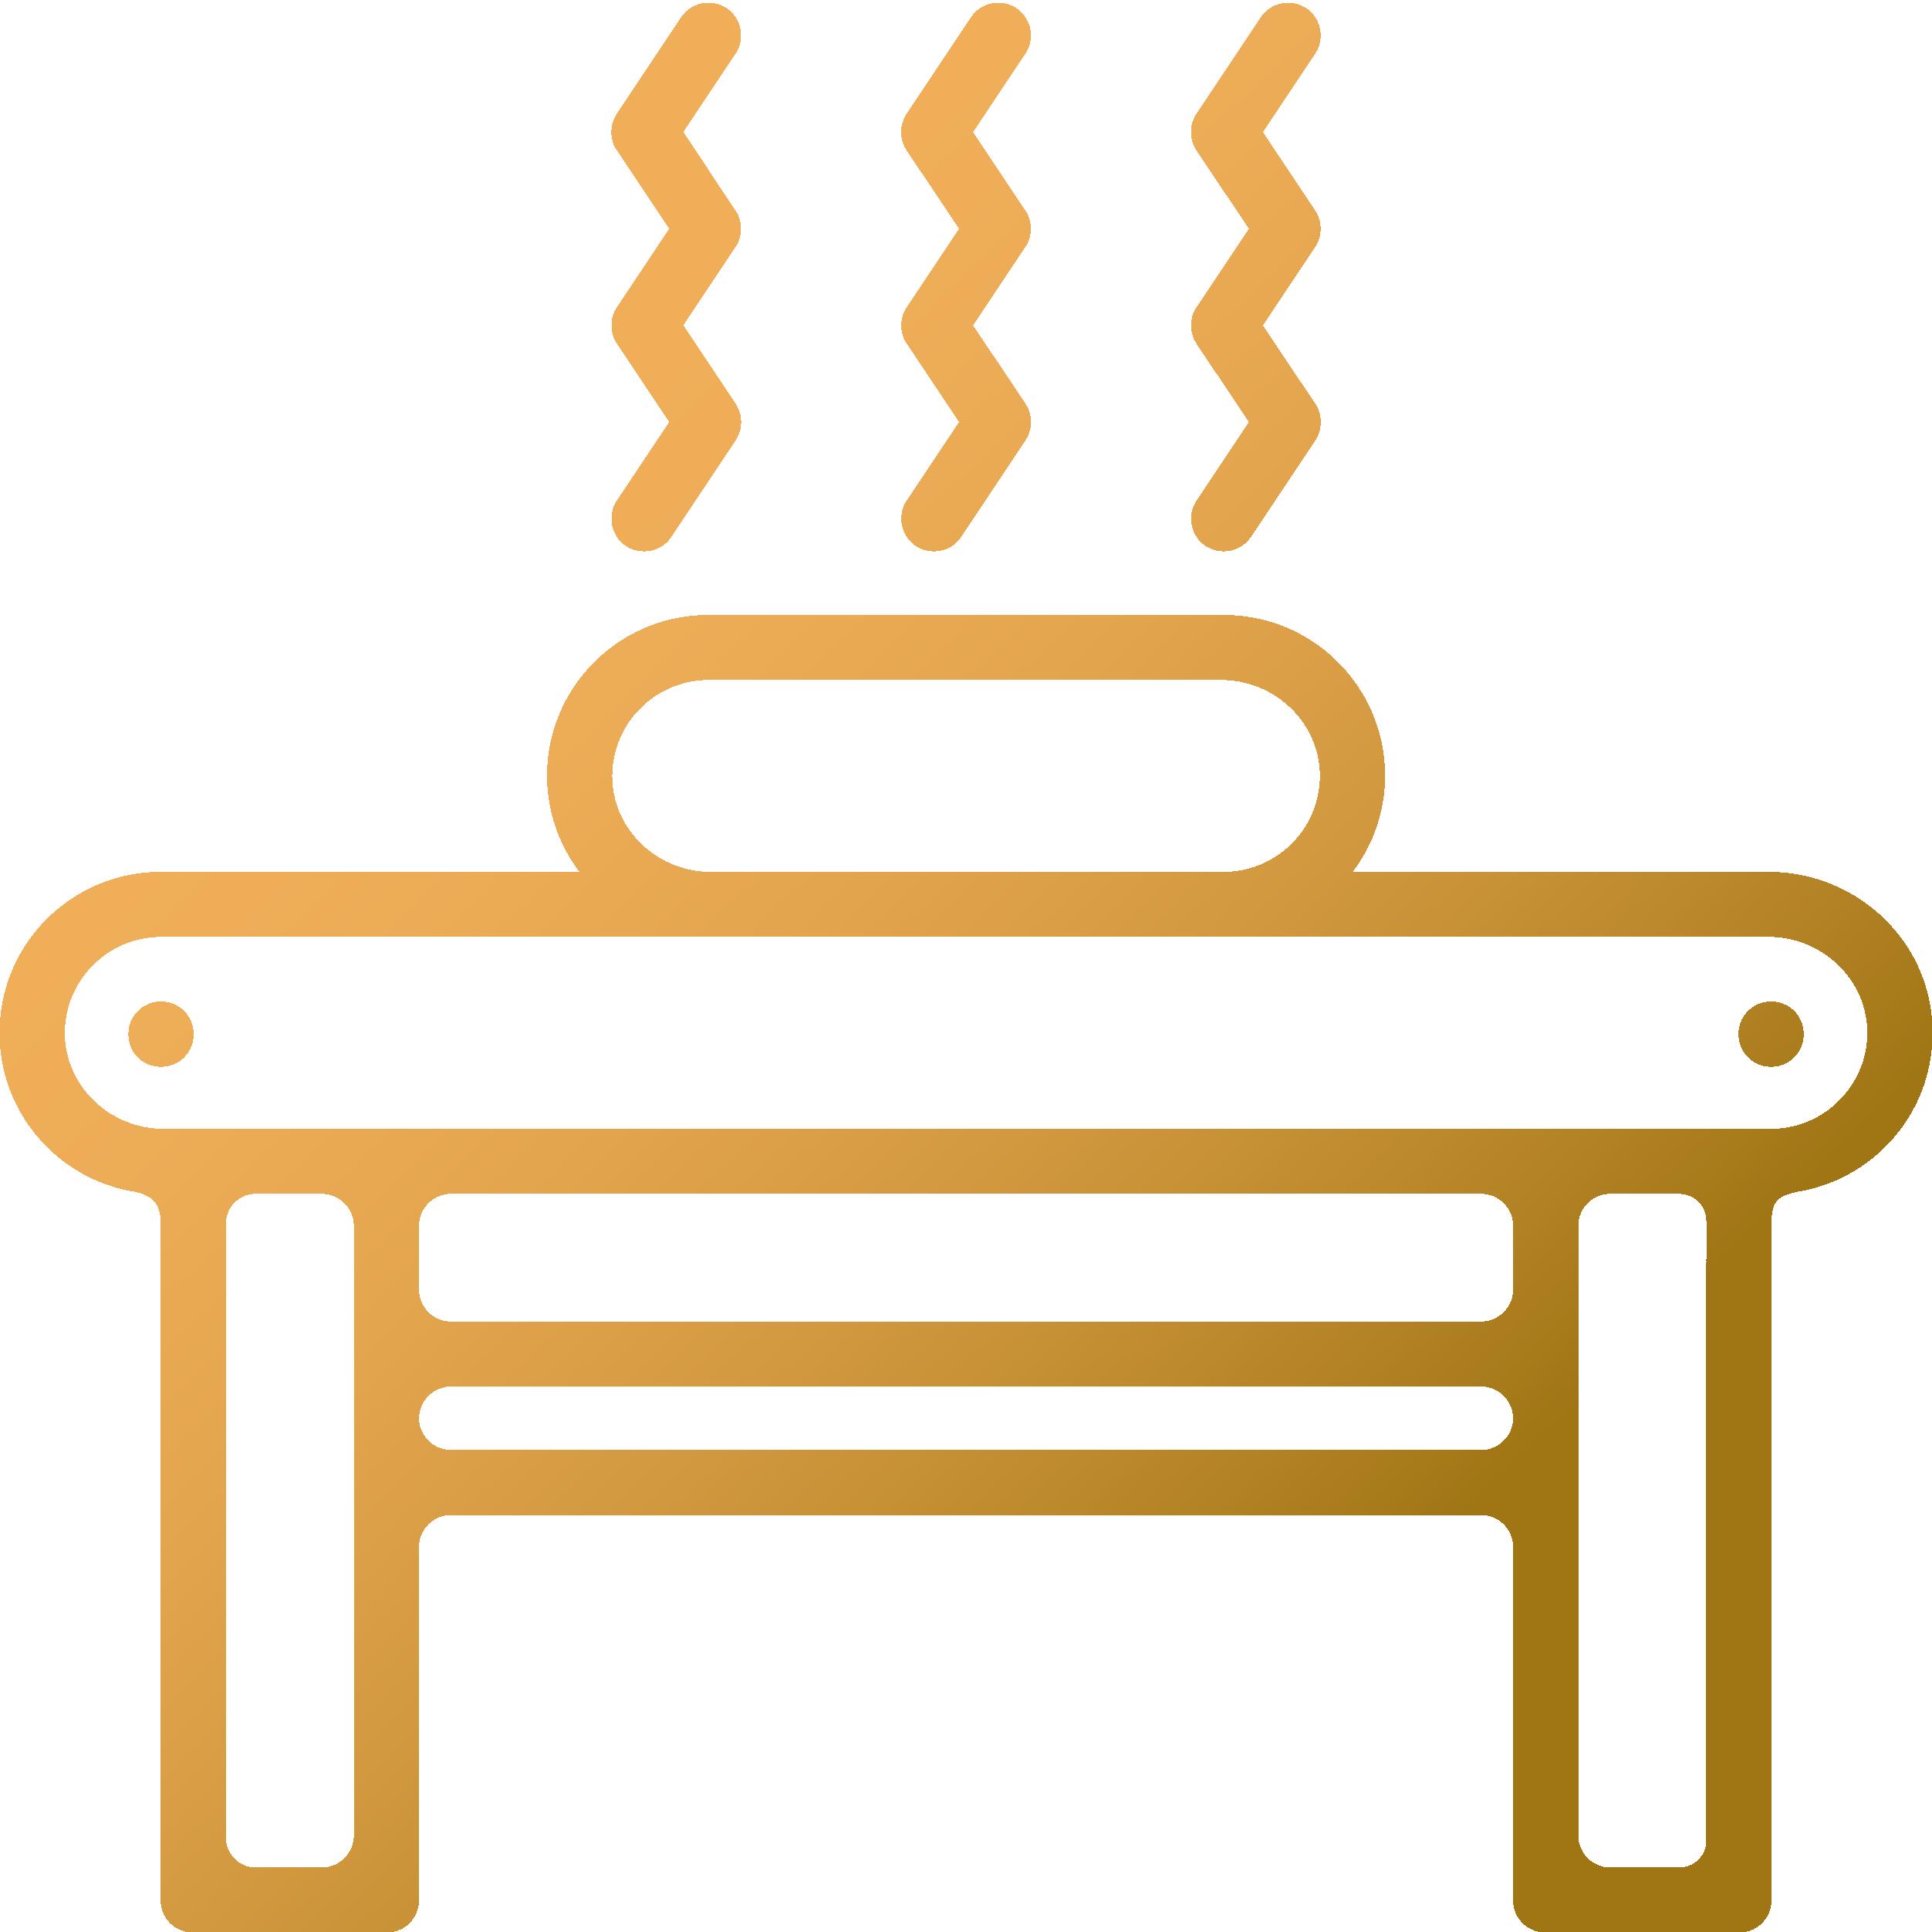 icona PRESSOTERAPIA elettromedicale